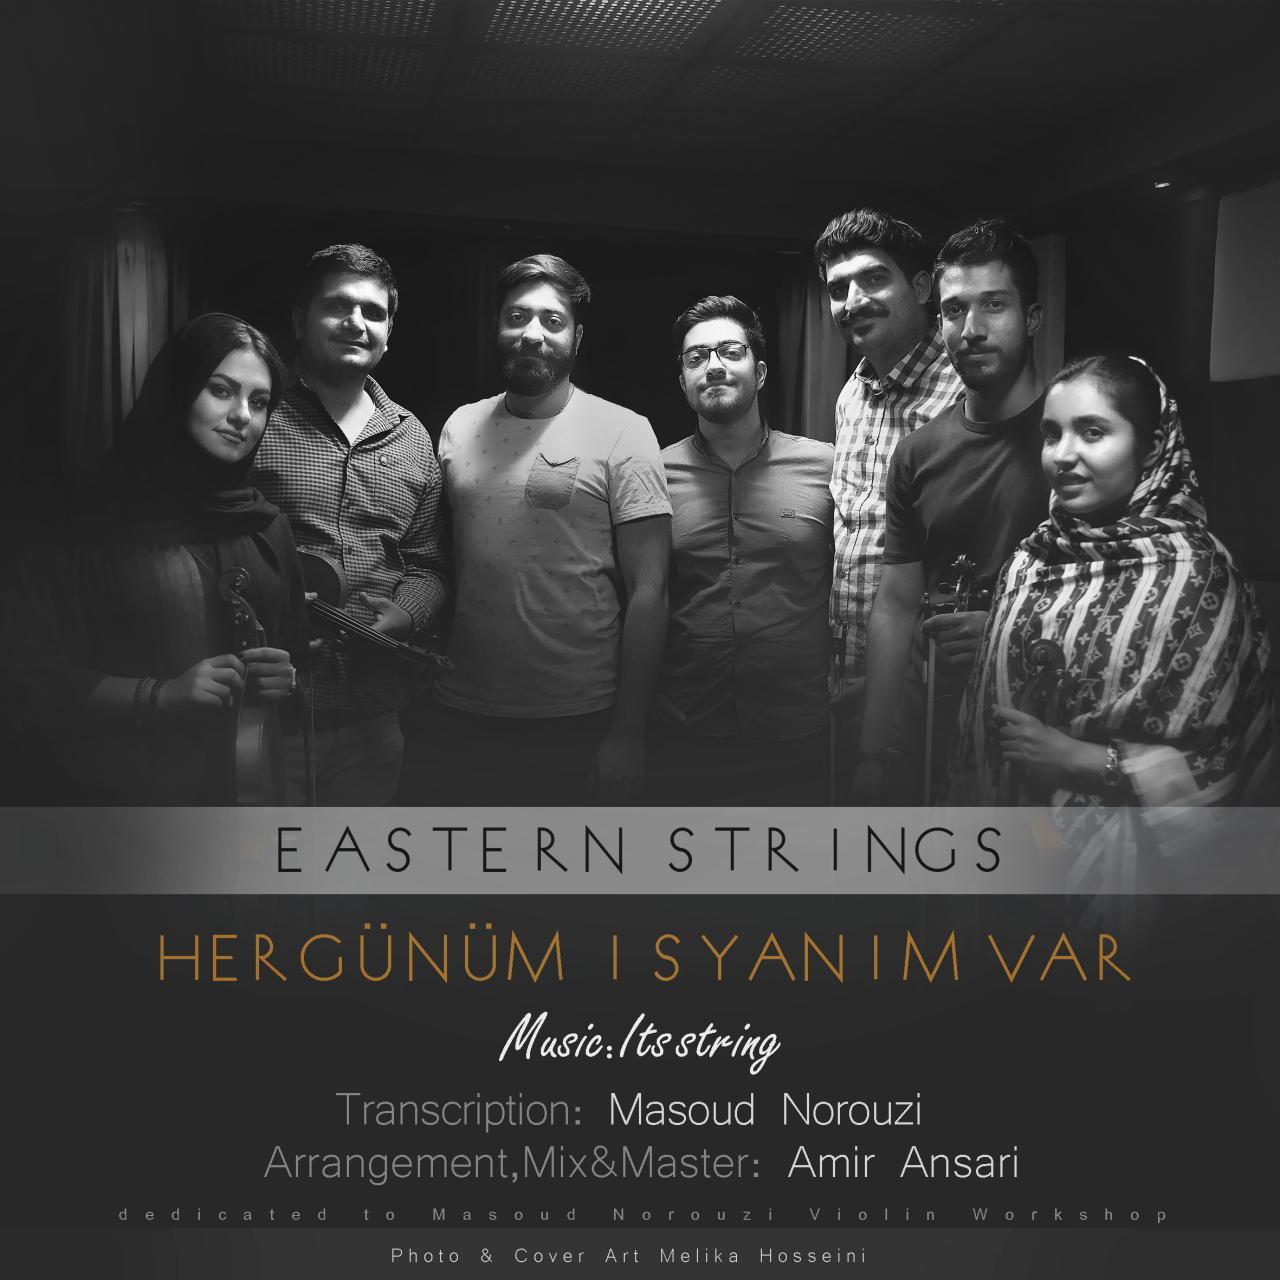 http://birtunes.ir/wp-content/uploads/2018/11/Eastren-Strings-Hergunum-Isyanim-Var.jpg